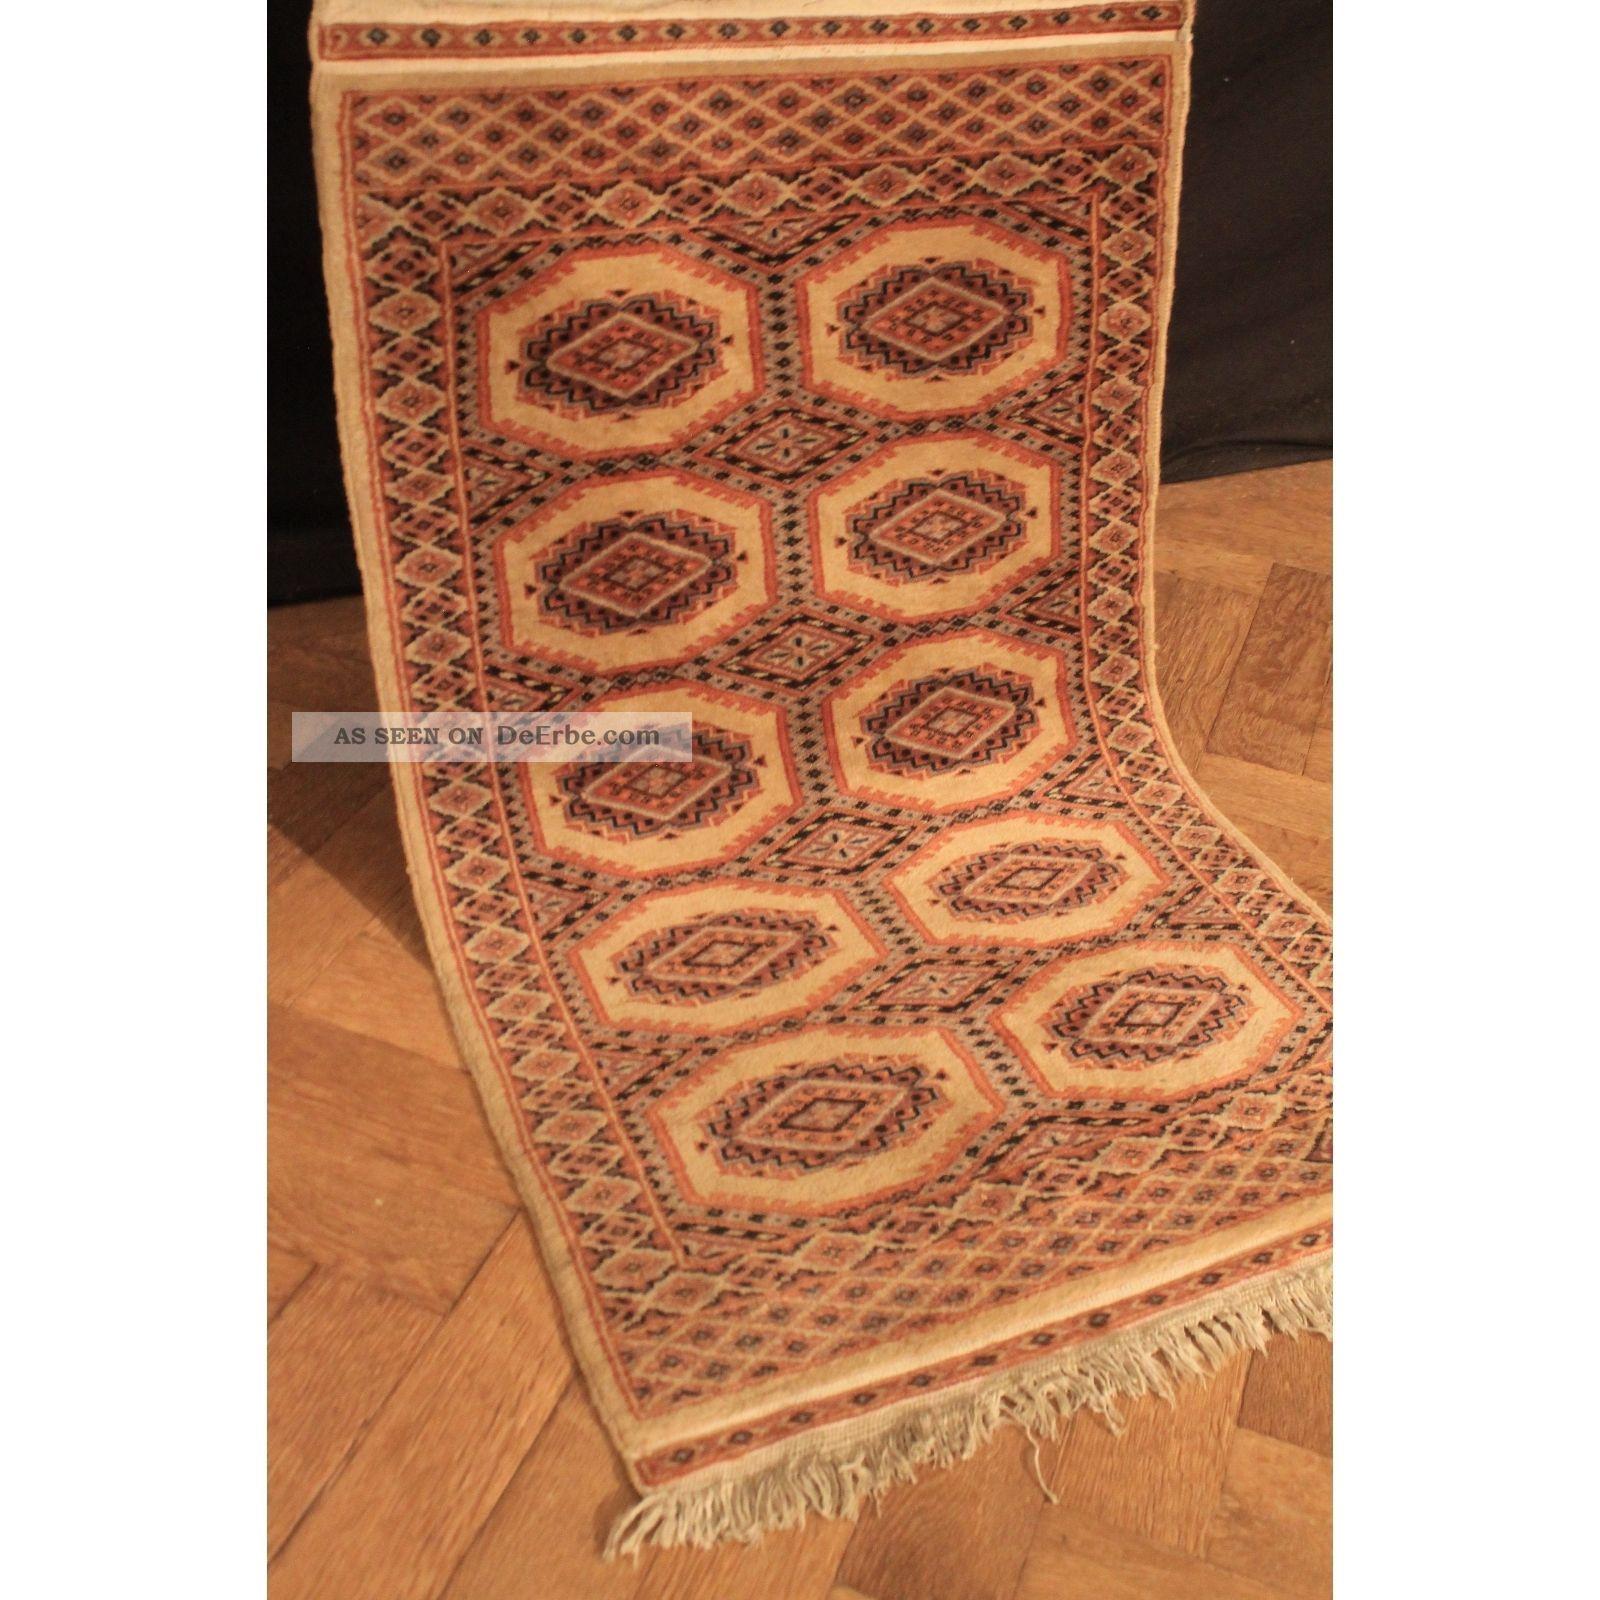 Feiner Handgeknüpfter Orient Buchara Jomut Teppich Carpet Tappeto Rug 110x64cm Teppiche & Flachgewebe Bild